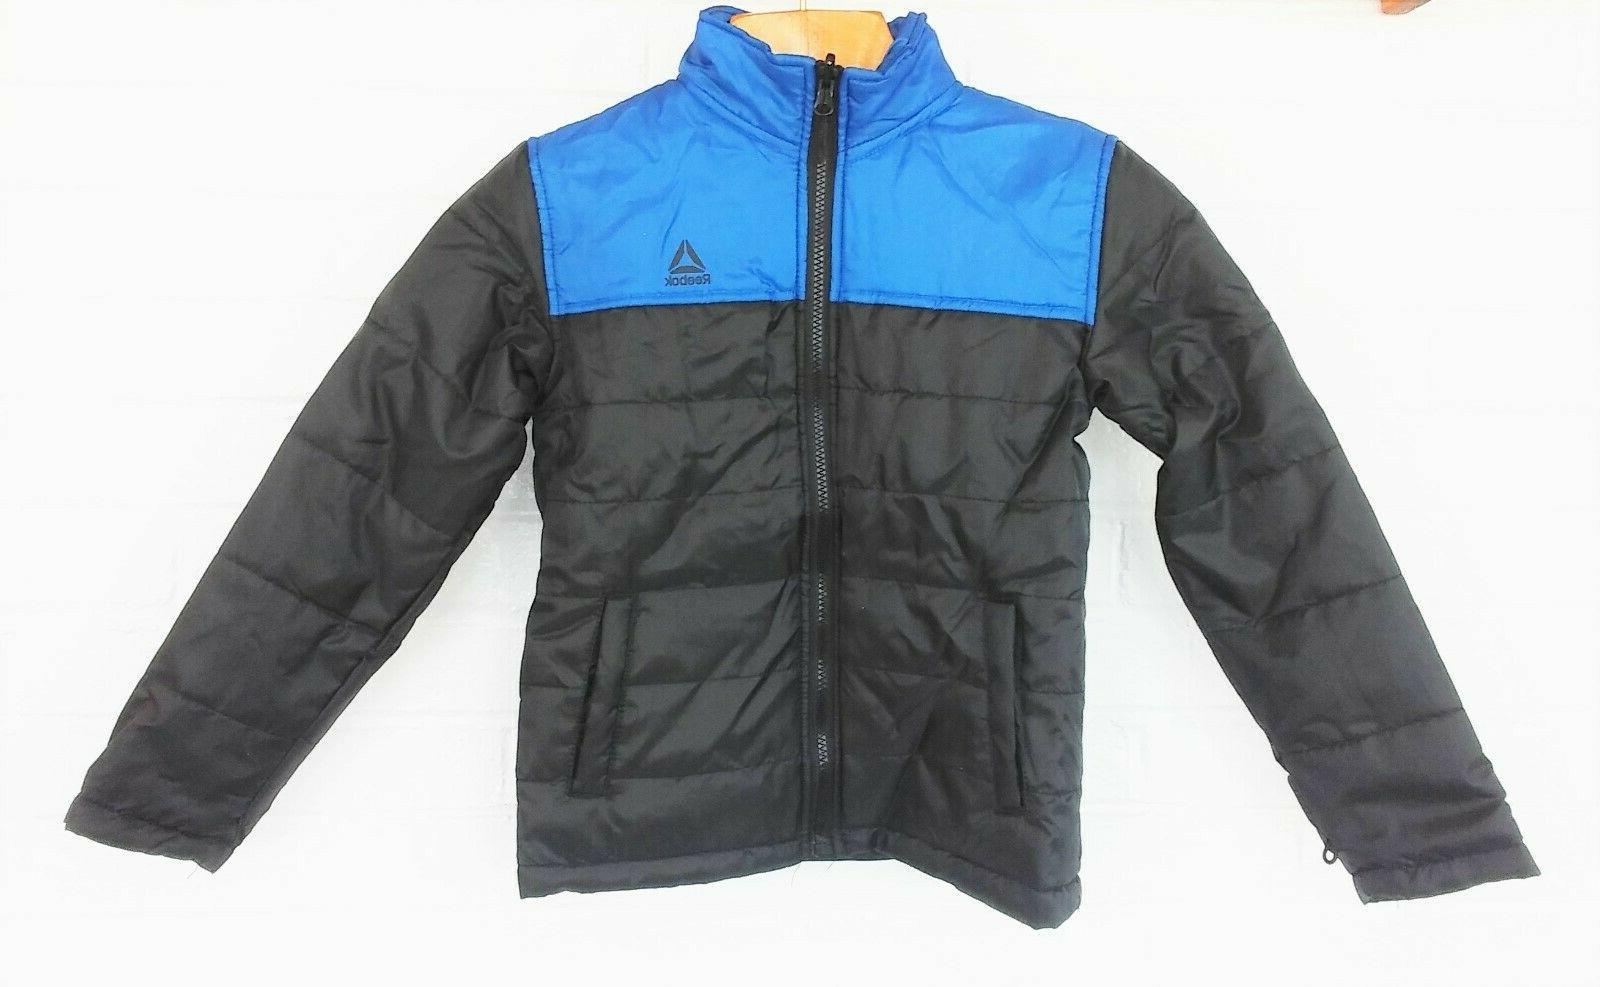 Reebok 3 Winter Snowboard Jacket Blue Black Size